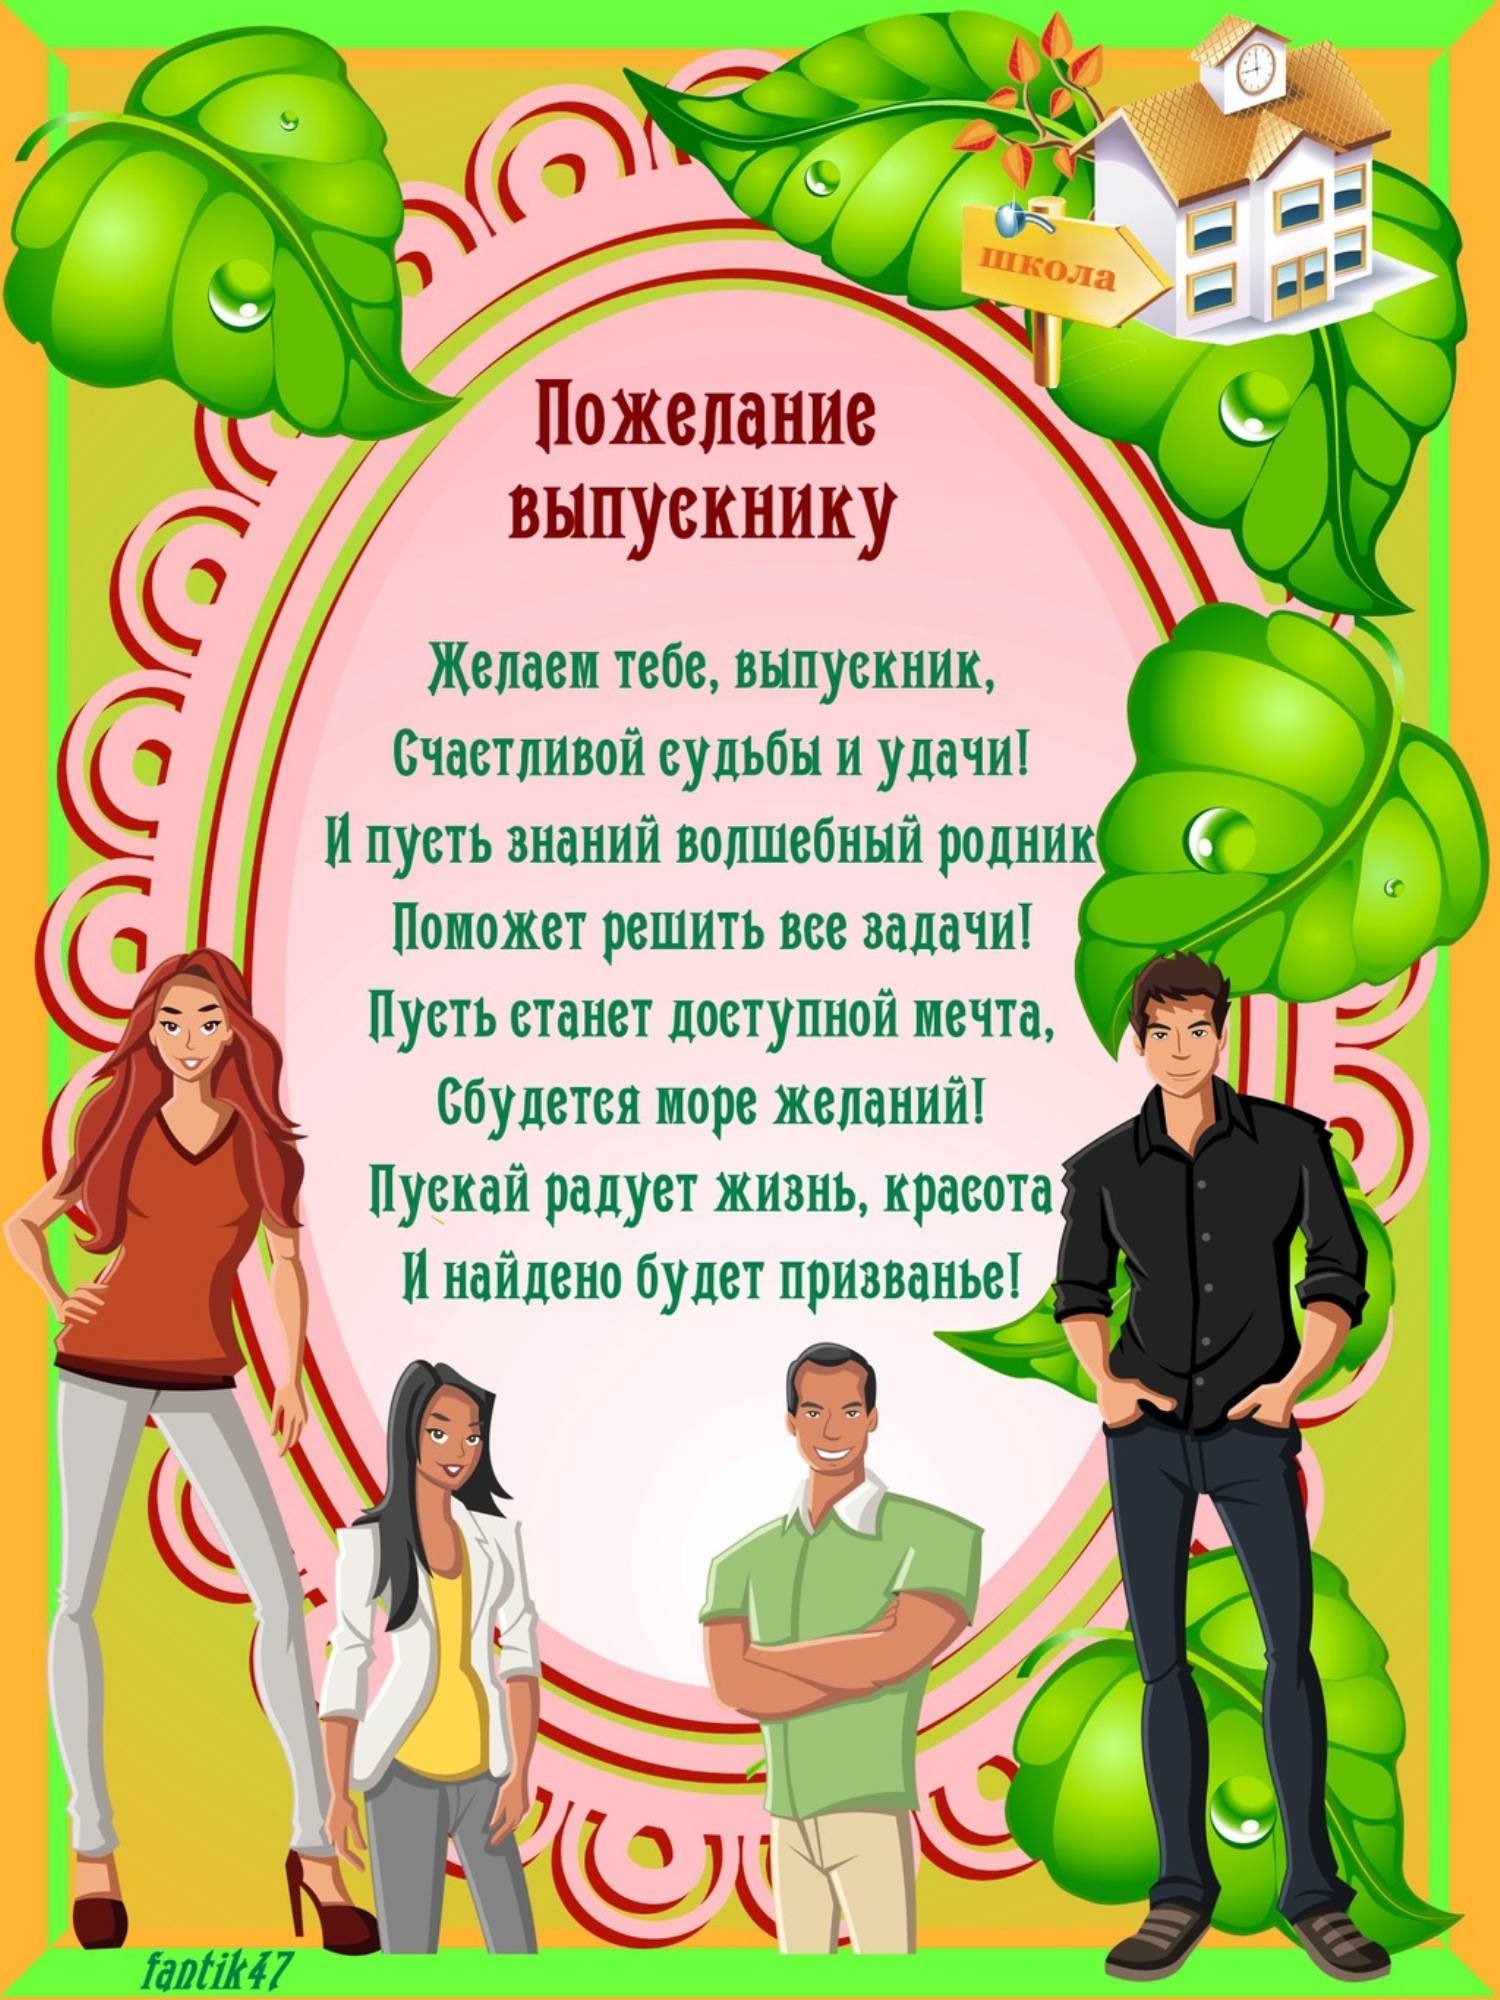 Шуточные и оригинальные поздравления и конкурсы педагогам на выпускном